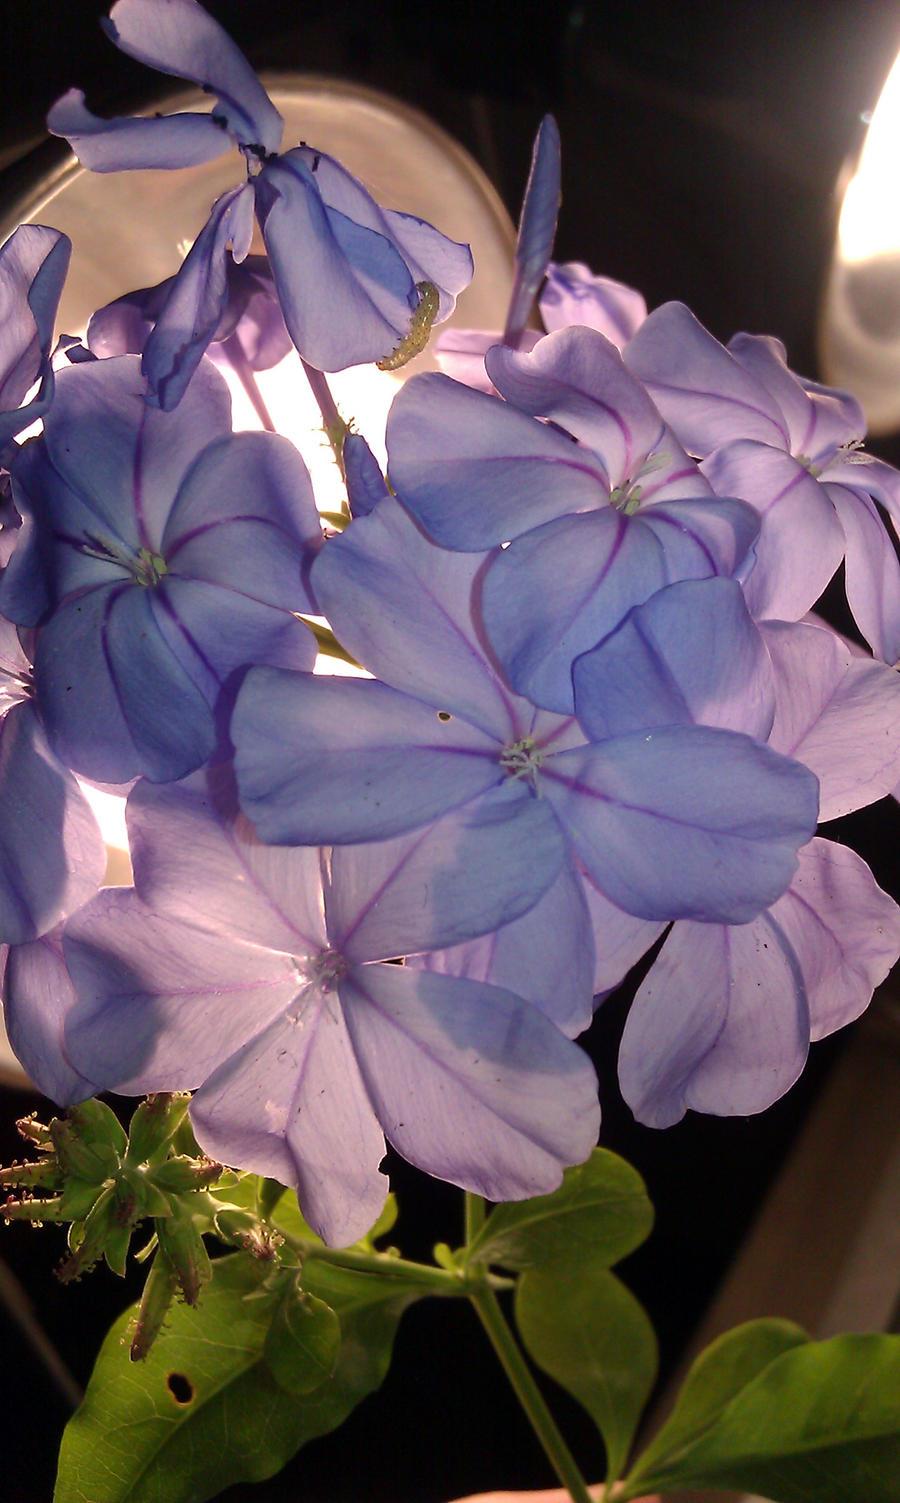 purple flowers by Goldphishy